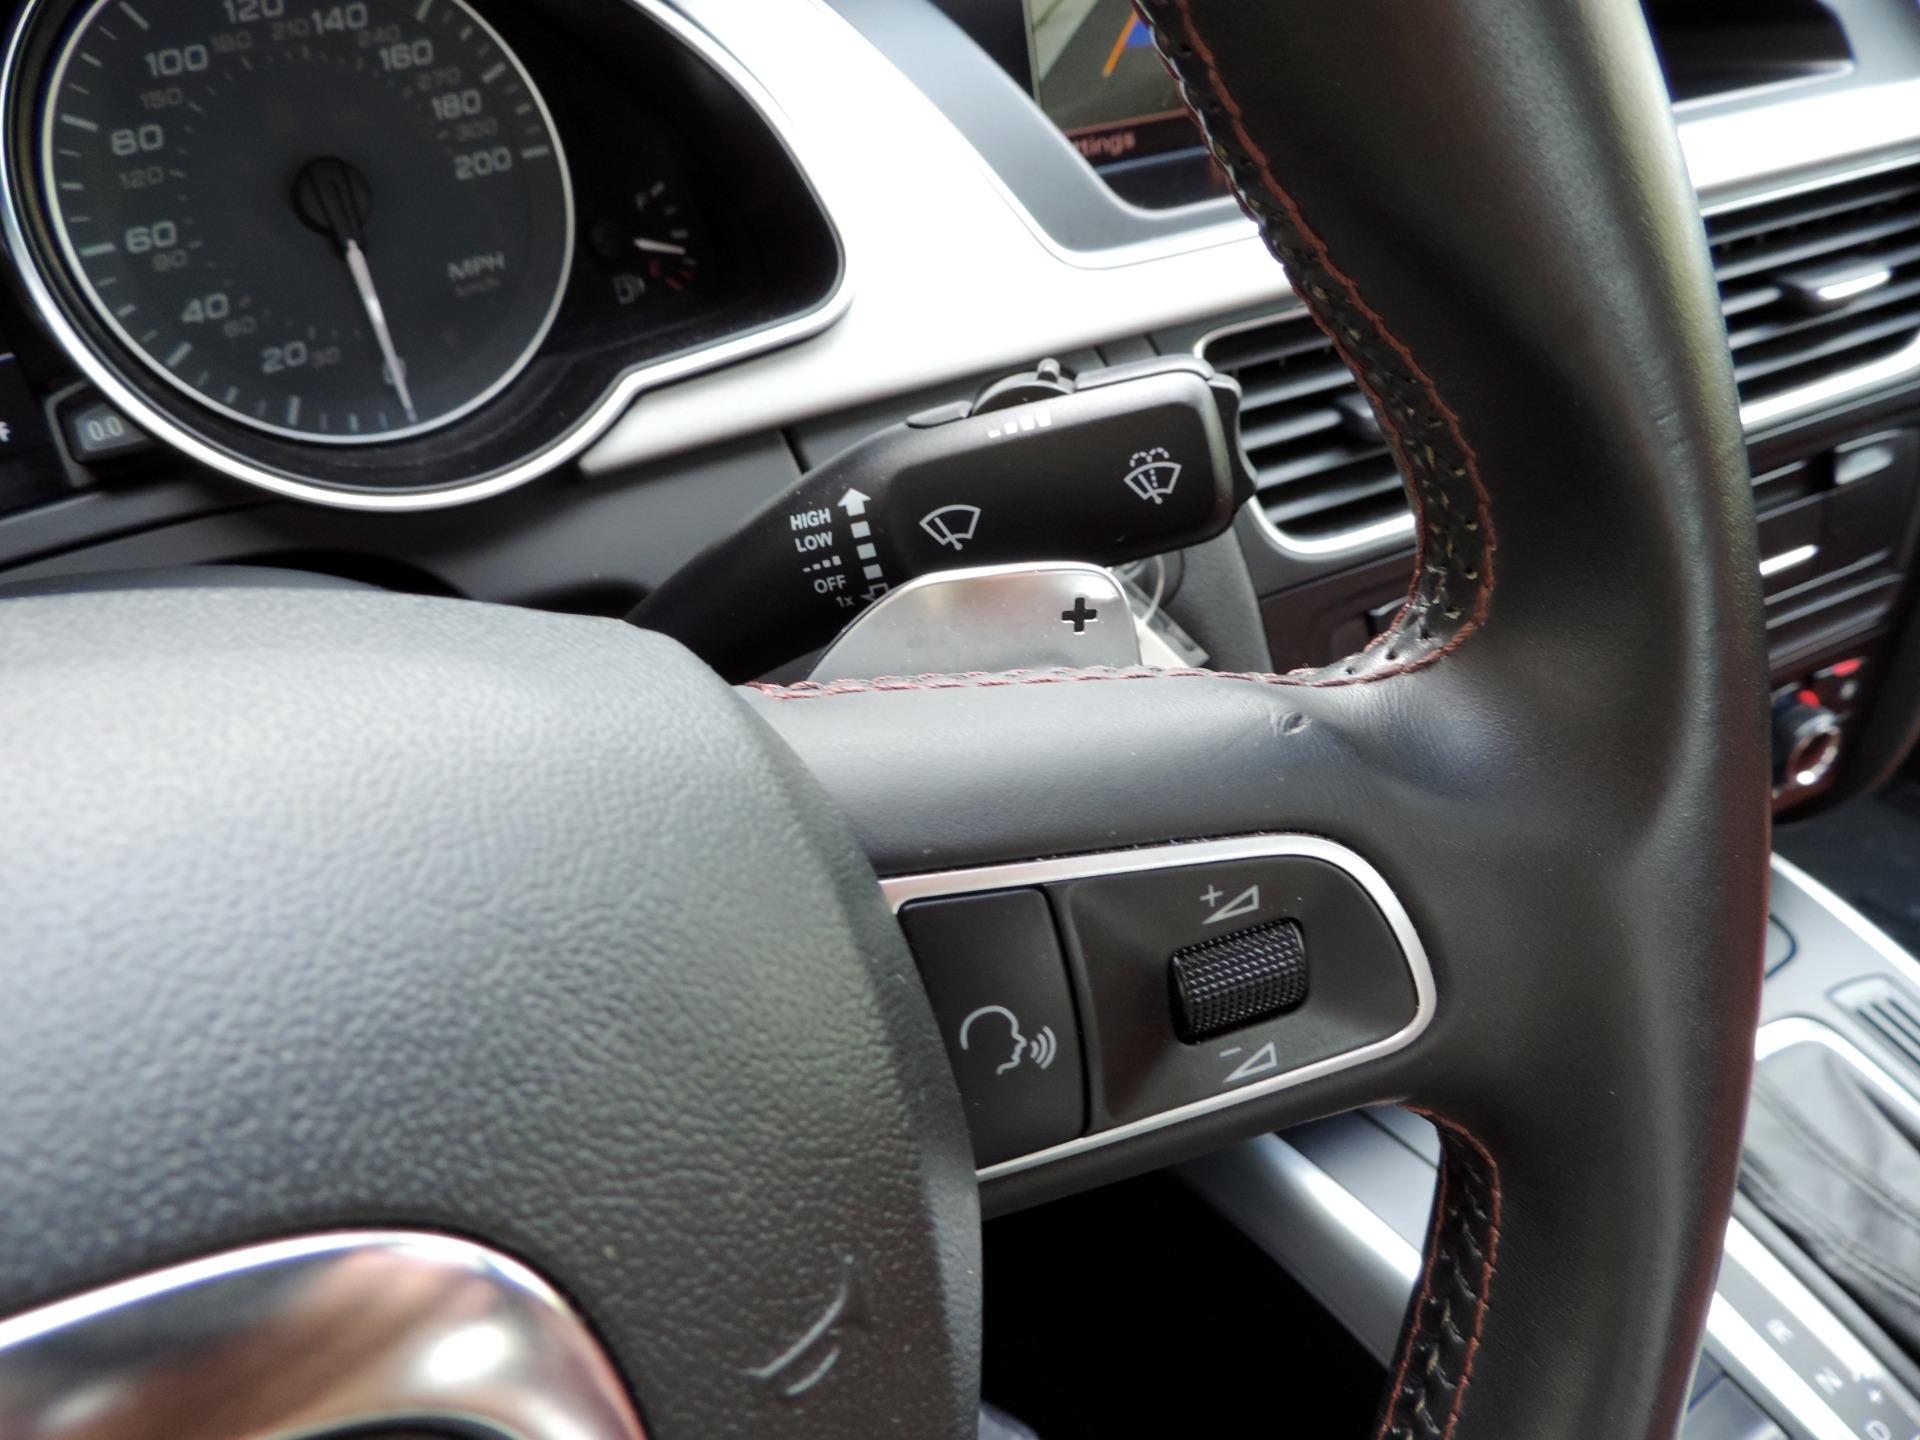 2011 Audi S5 4 2 Quattro Premium Plus Stock 047844 For